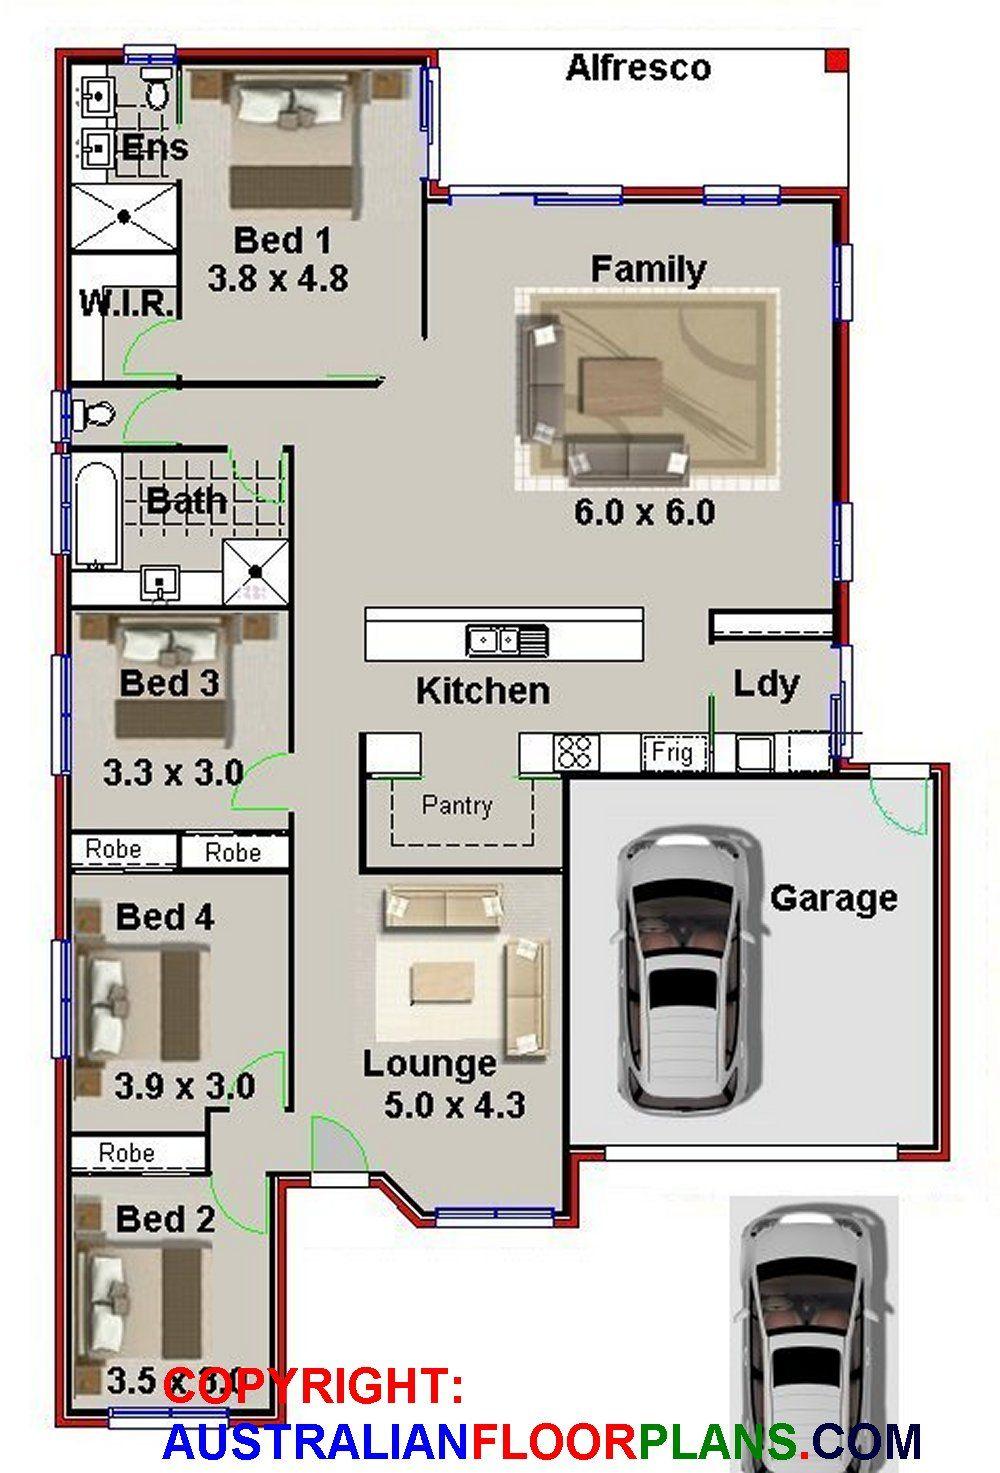 227nb Modern Australian 4 Bed Garage 226 19 M2 Preliminary House Plans Four Bedroom House Plans House Plans Australia Family House Plans